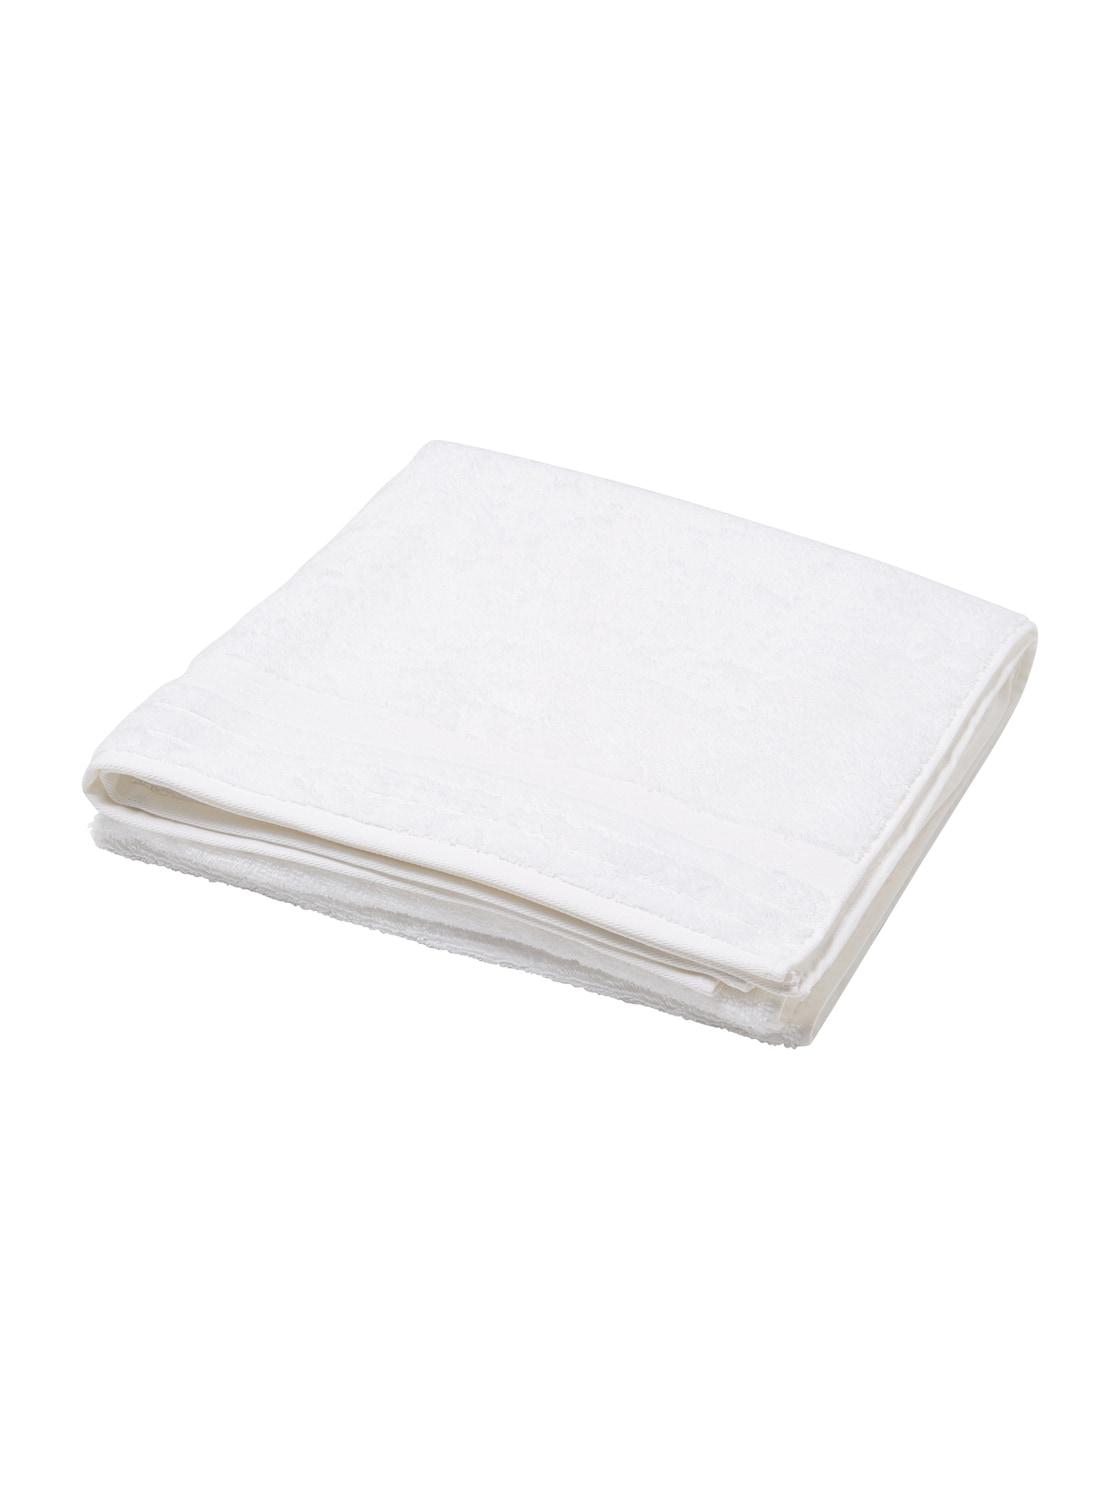 TOM TAILOR TOM TAILOR Unisex Frottier Handtuch,  white, Größe: 70/140, weiß, unifarben, Gr 70/140